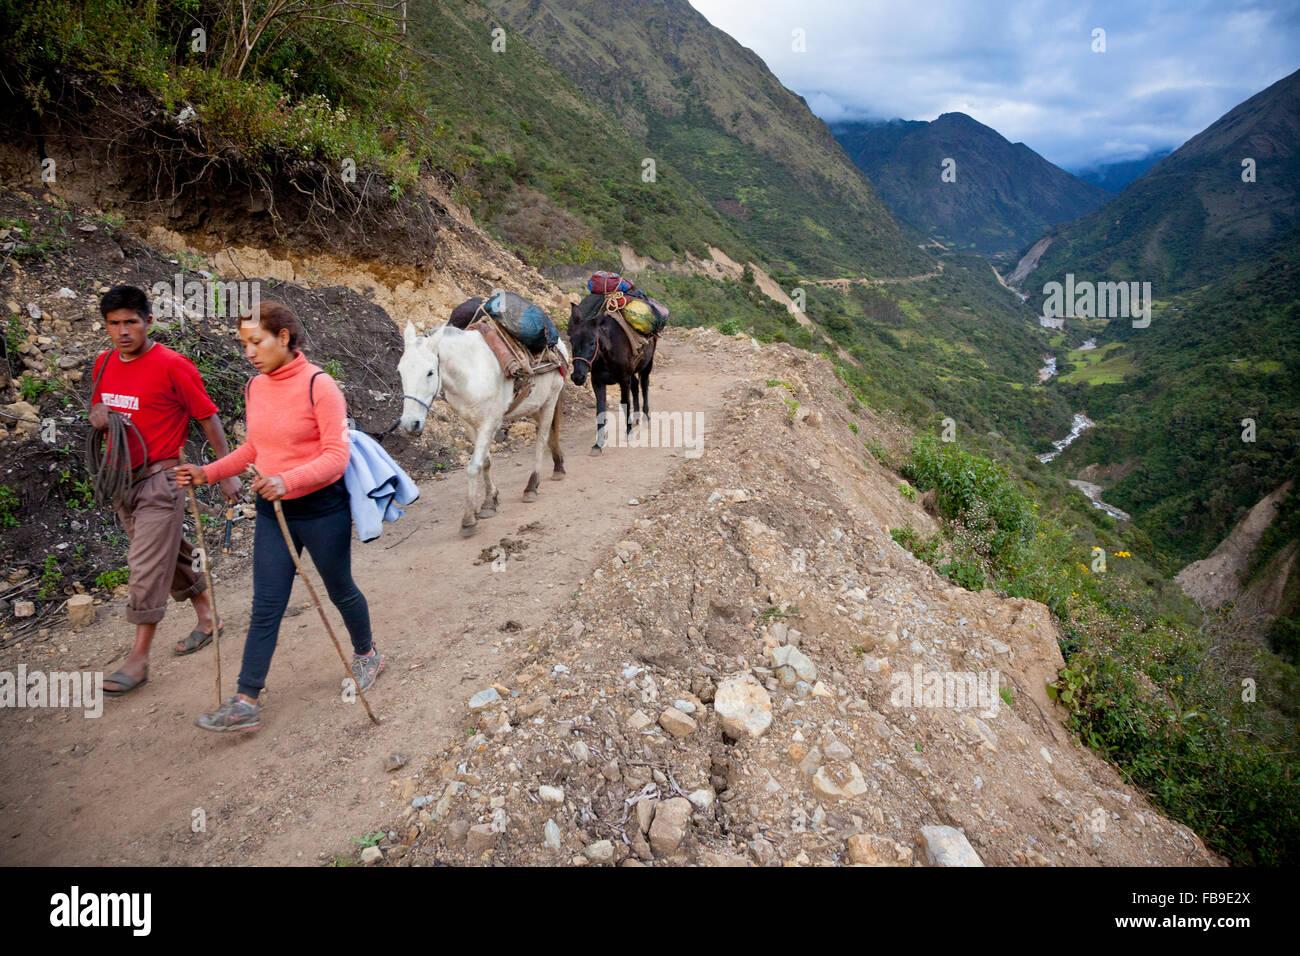 Arriero (muleskinner), mules et trek guide sur le Choquequirao (berceau de l'or) de l'Inca, le Pérou. Photo Stock